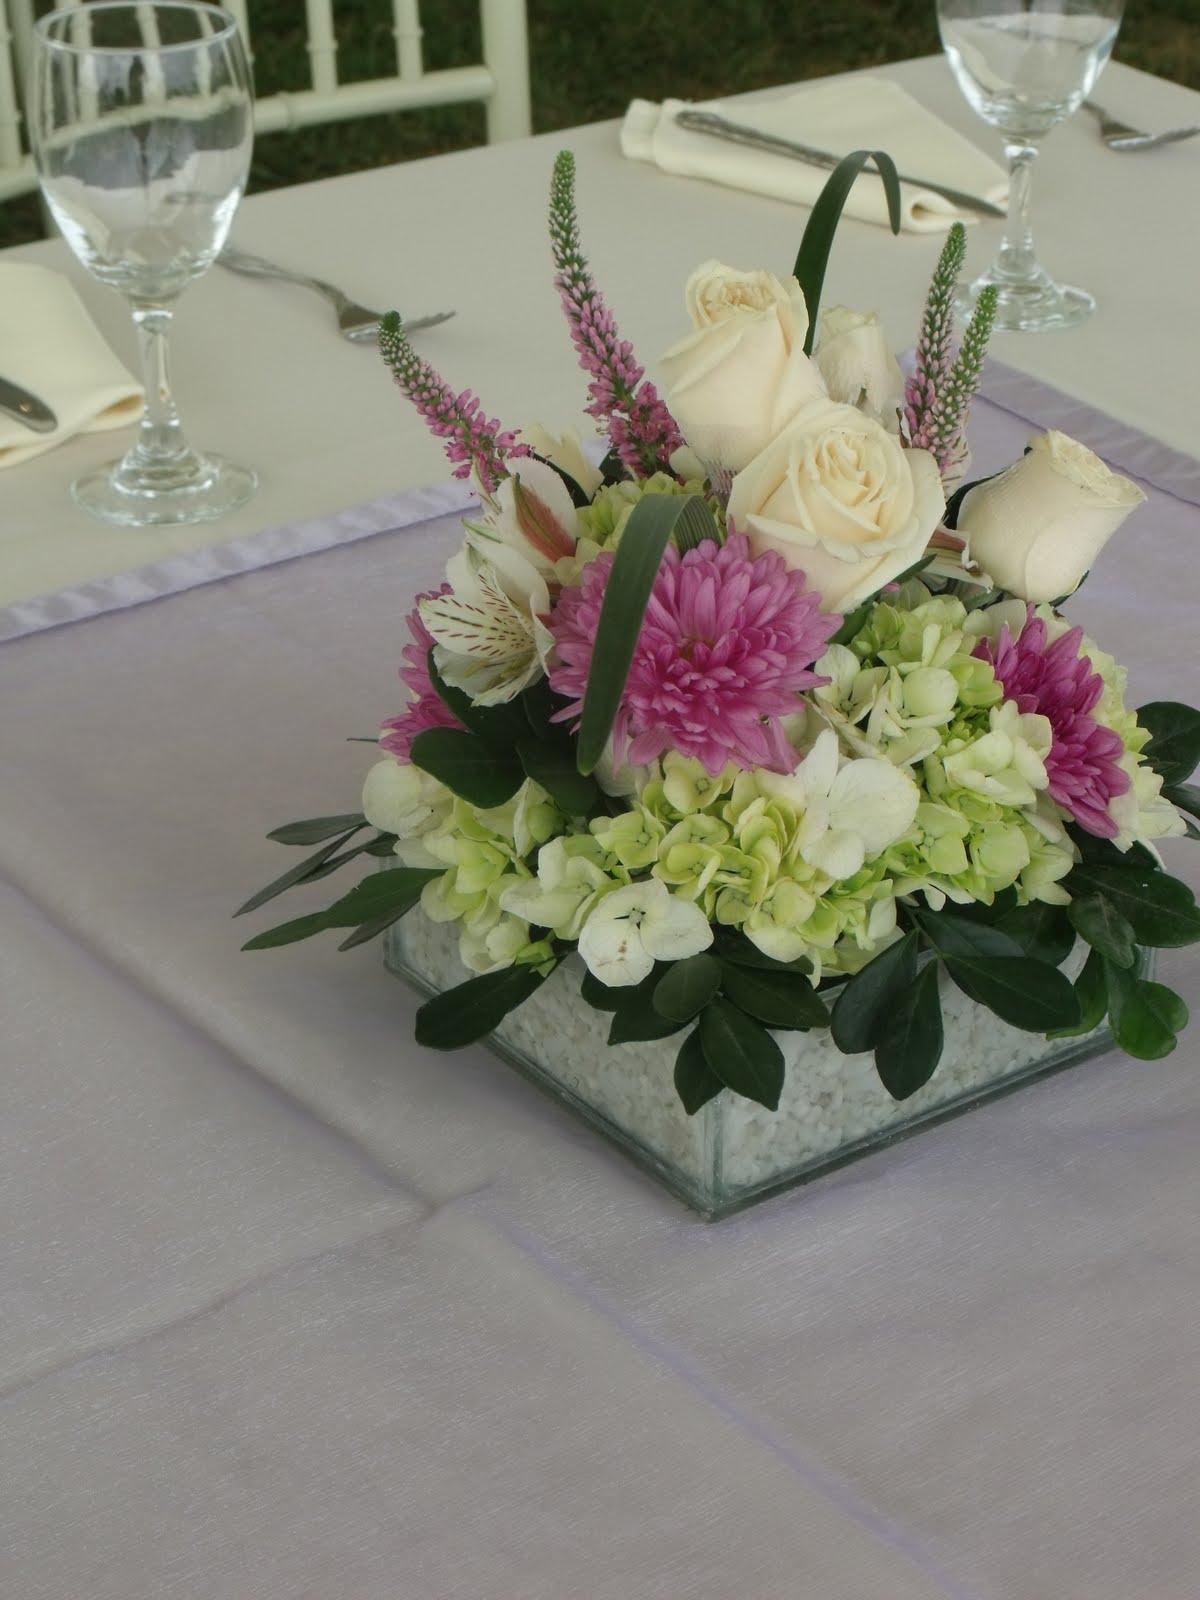 Centros de mesa con flores naturales - Centro de mesa con flores ...